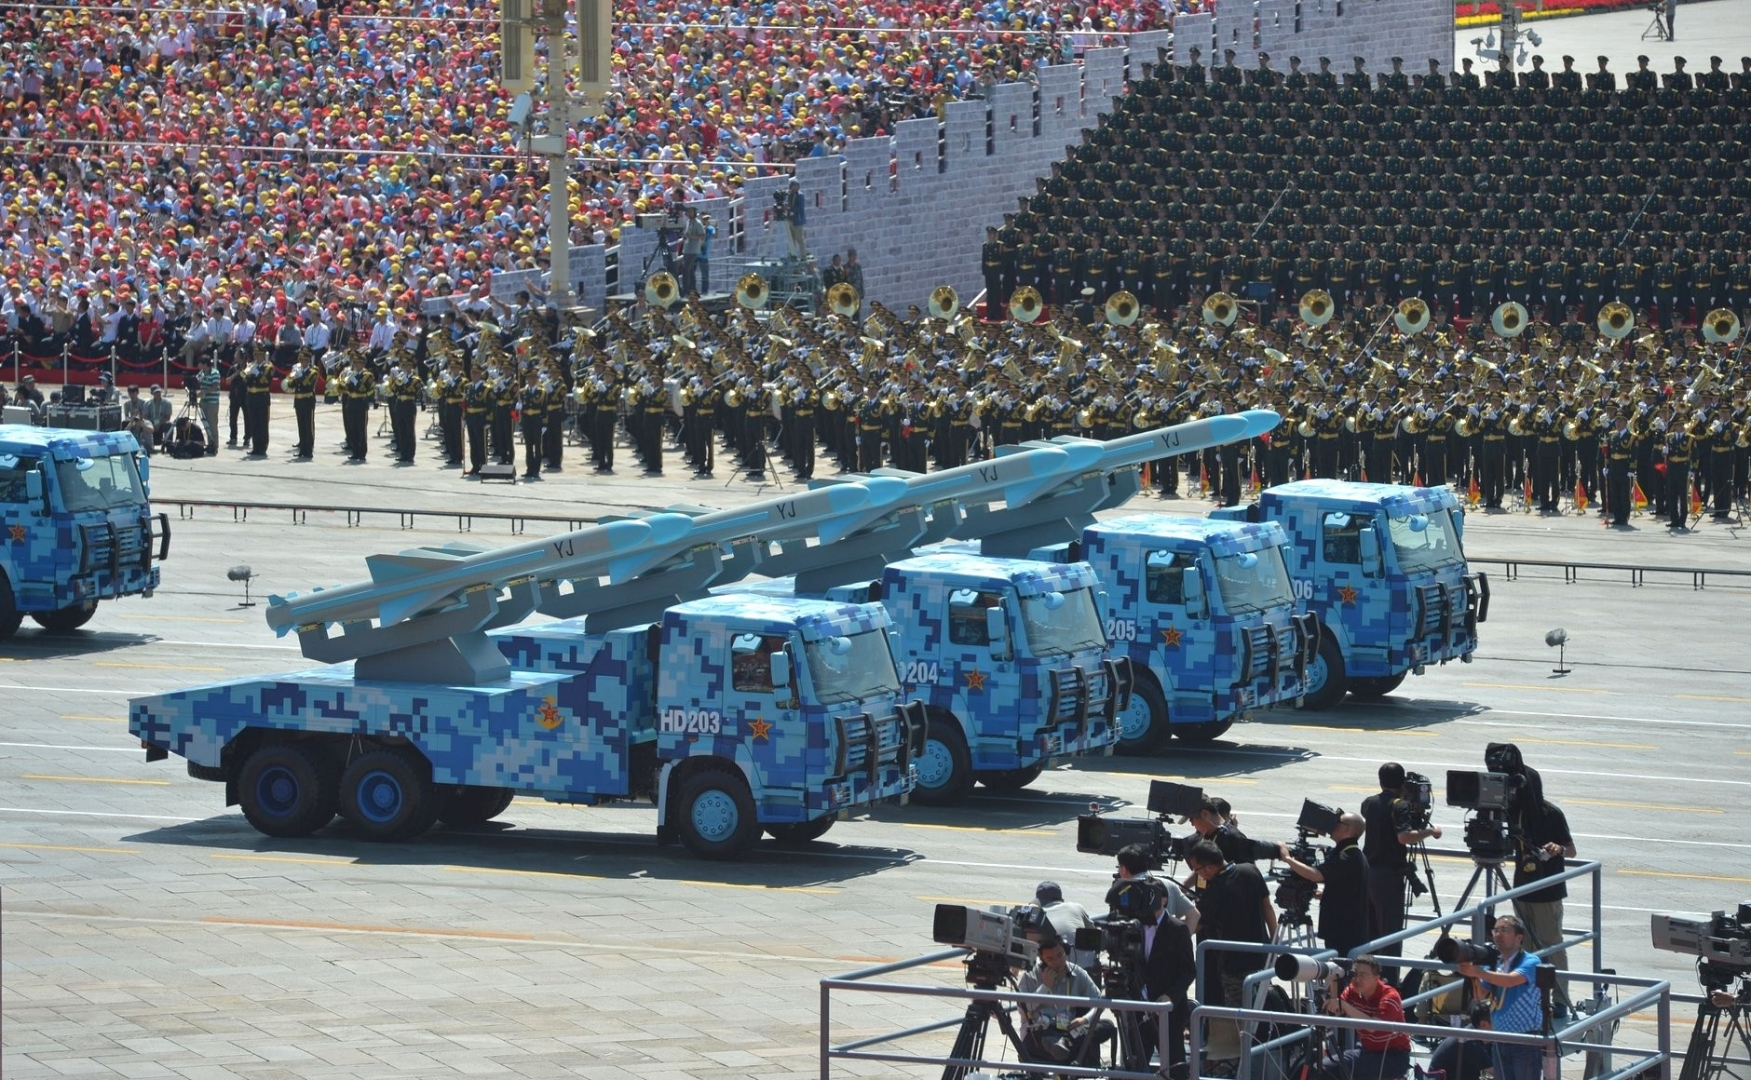 Китай пригрозил США ядерным ударом в случае создания новых альянсов